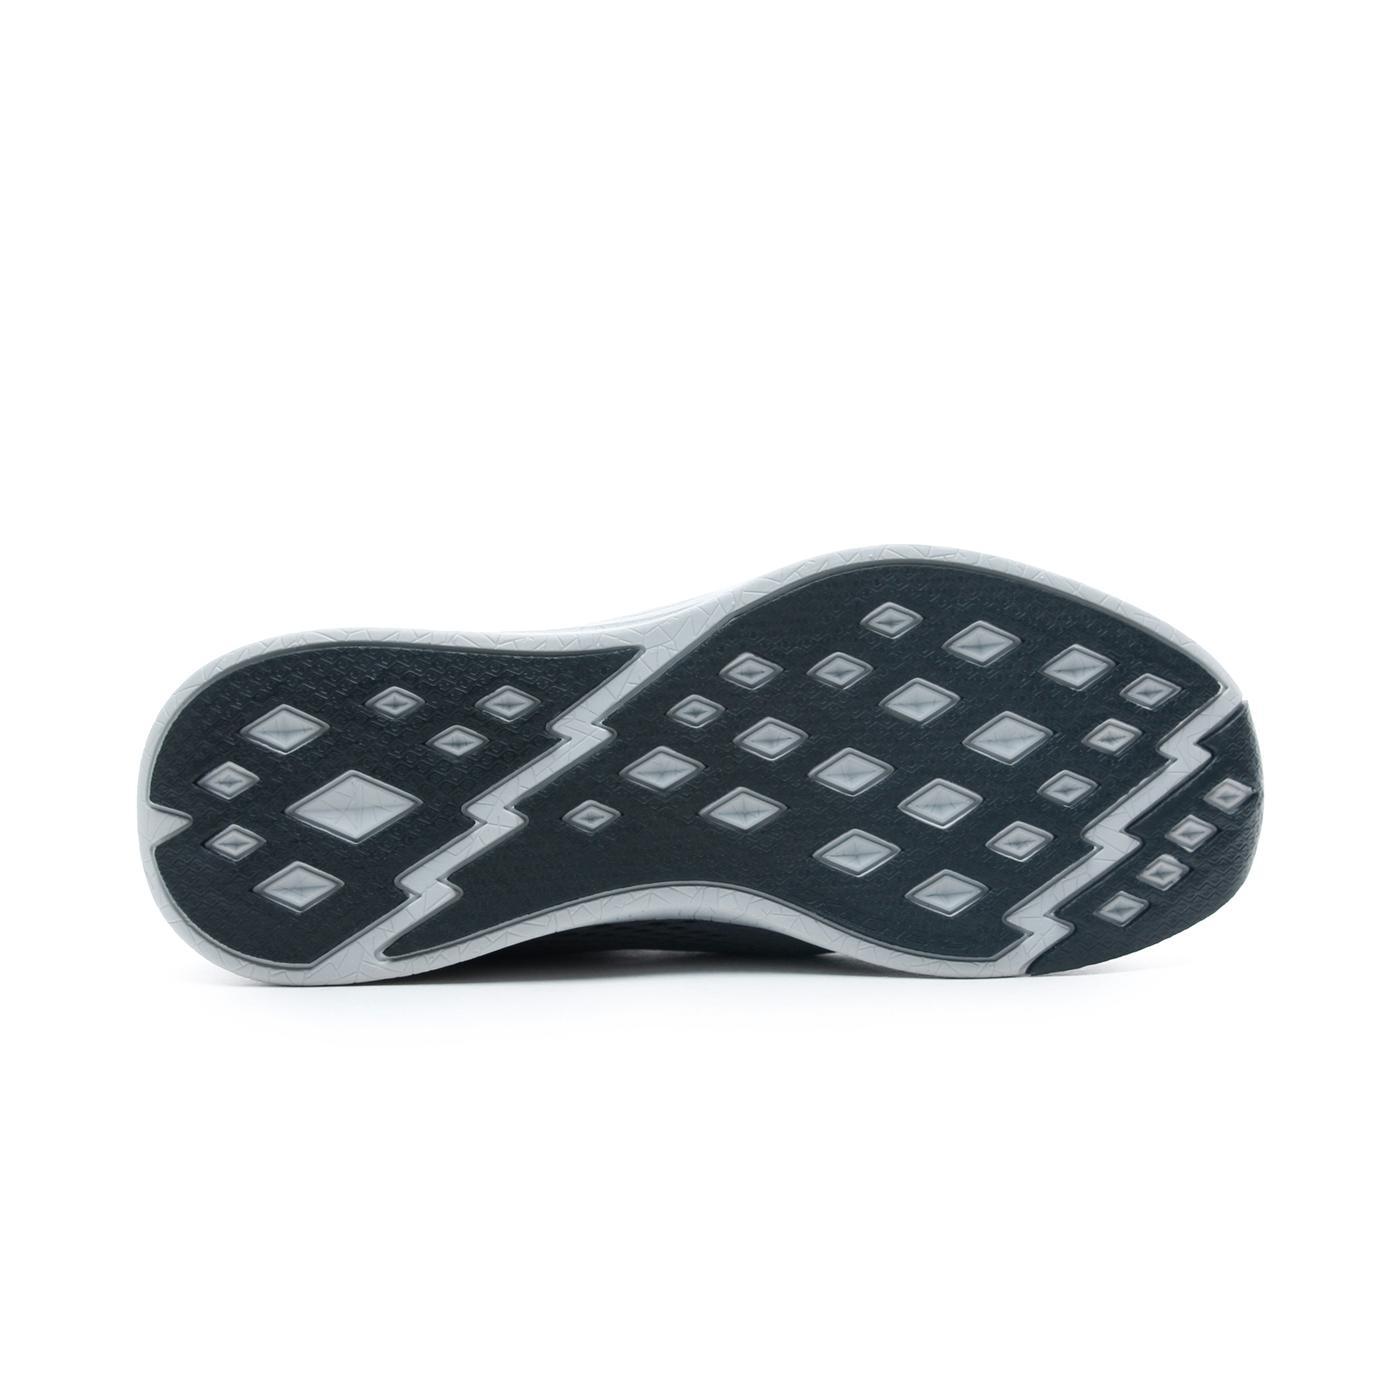 Skechers Burst 2.0-Out Of Range Erkek Gri Spor Ayakkabı